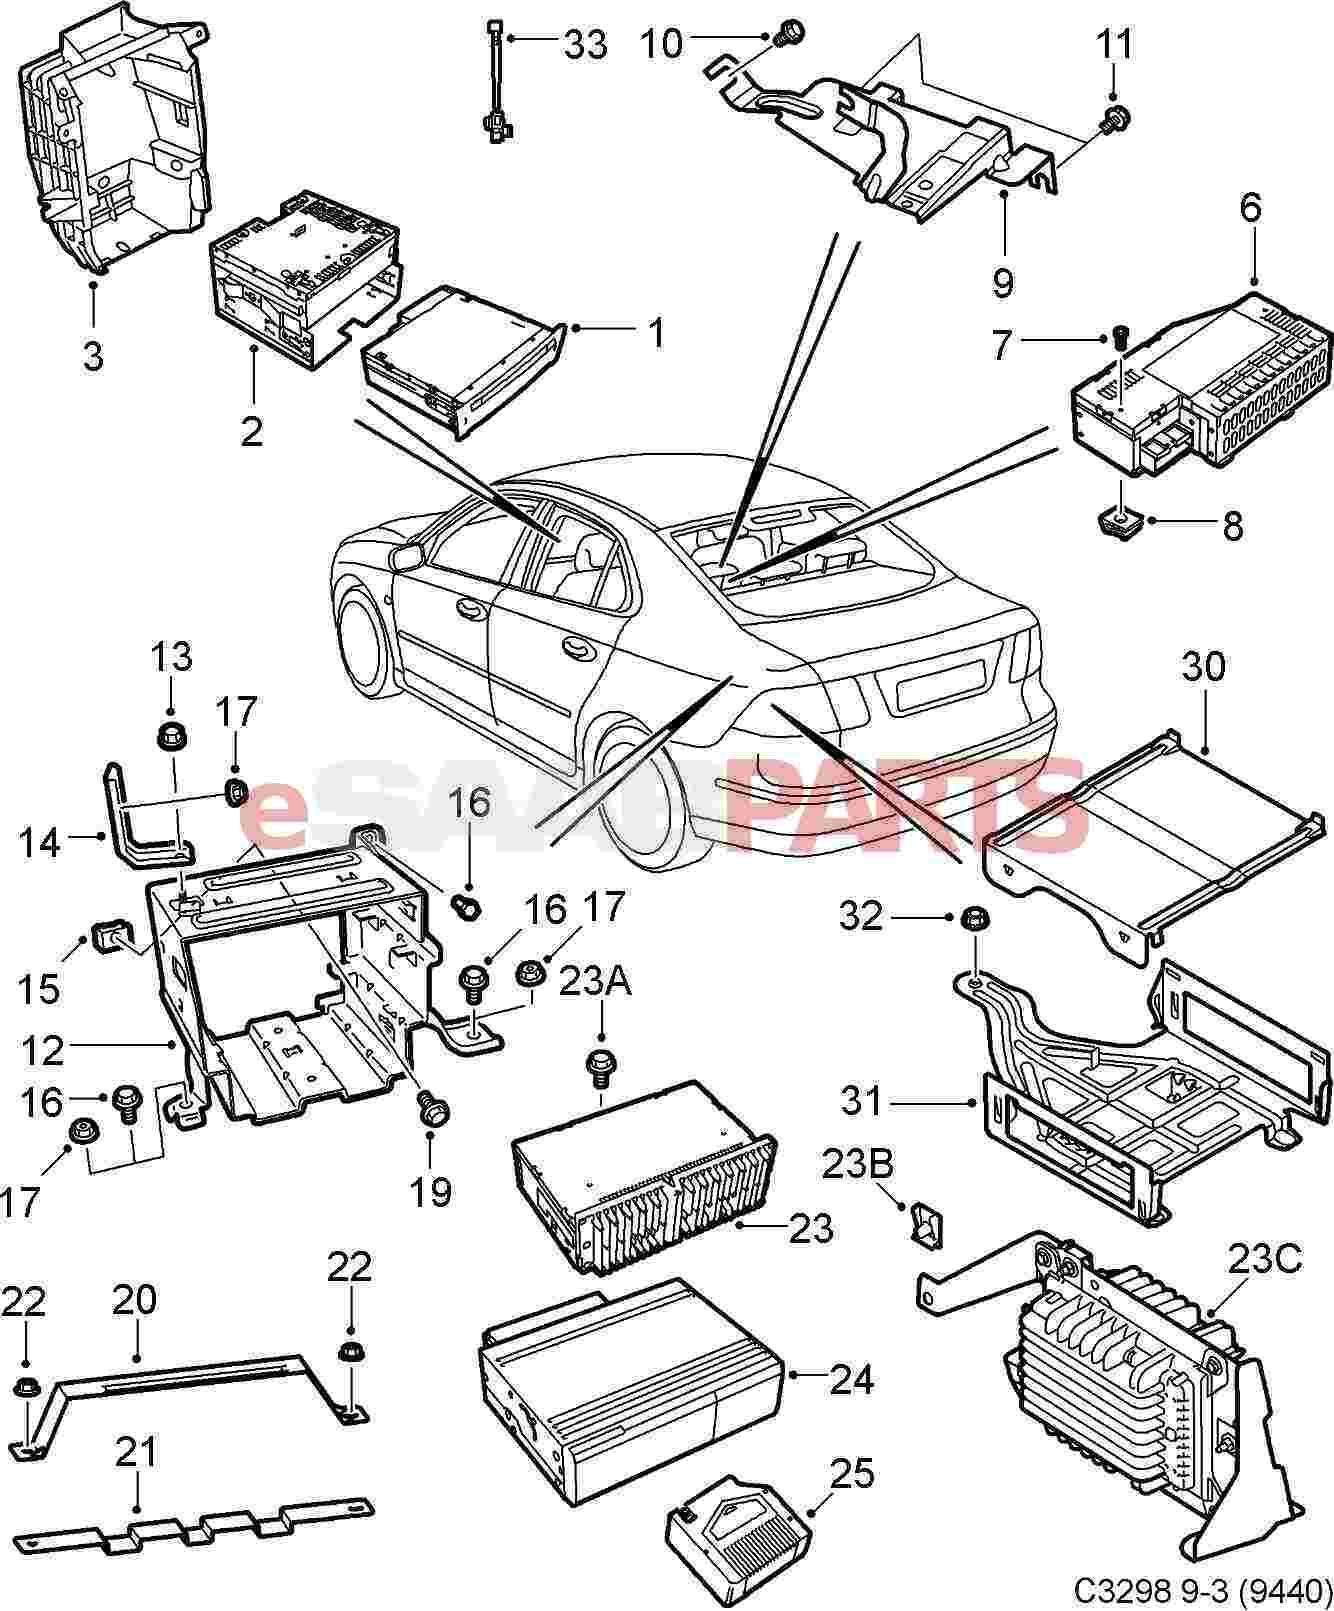 Wiring Diagram 1999 Saab 9 3 Speakers Library Viggen 2004 Amp2 33